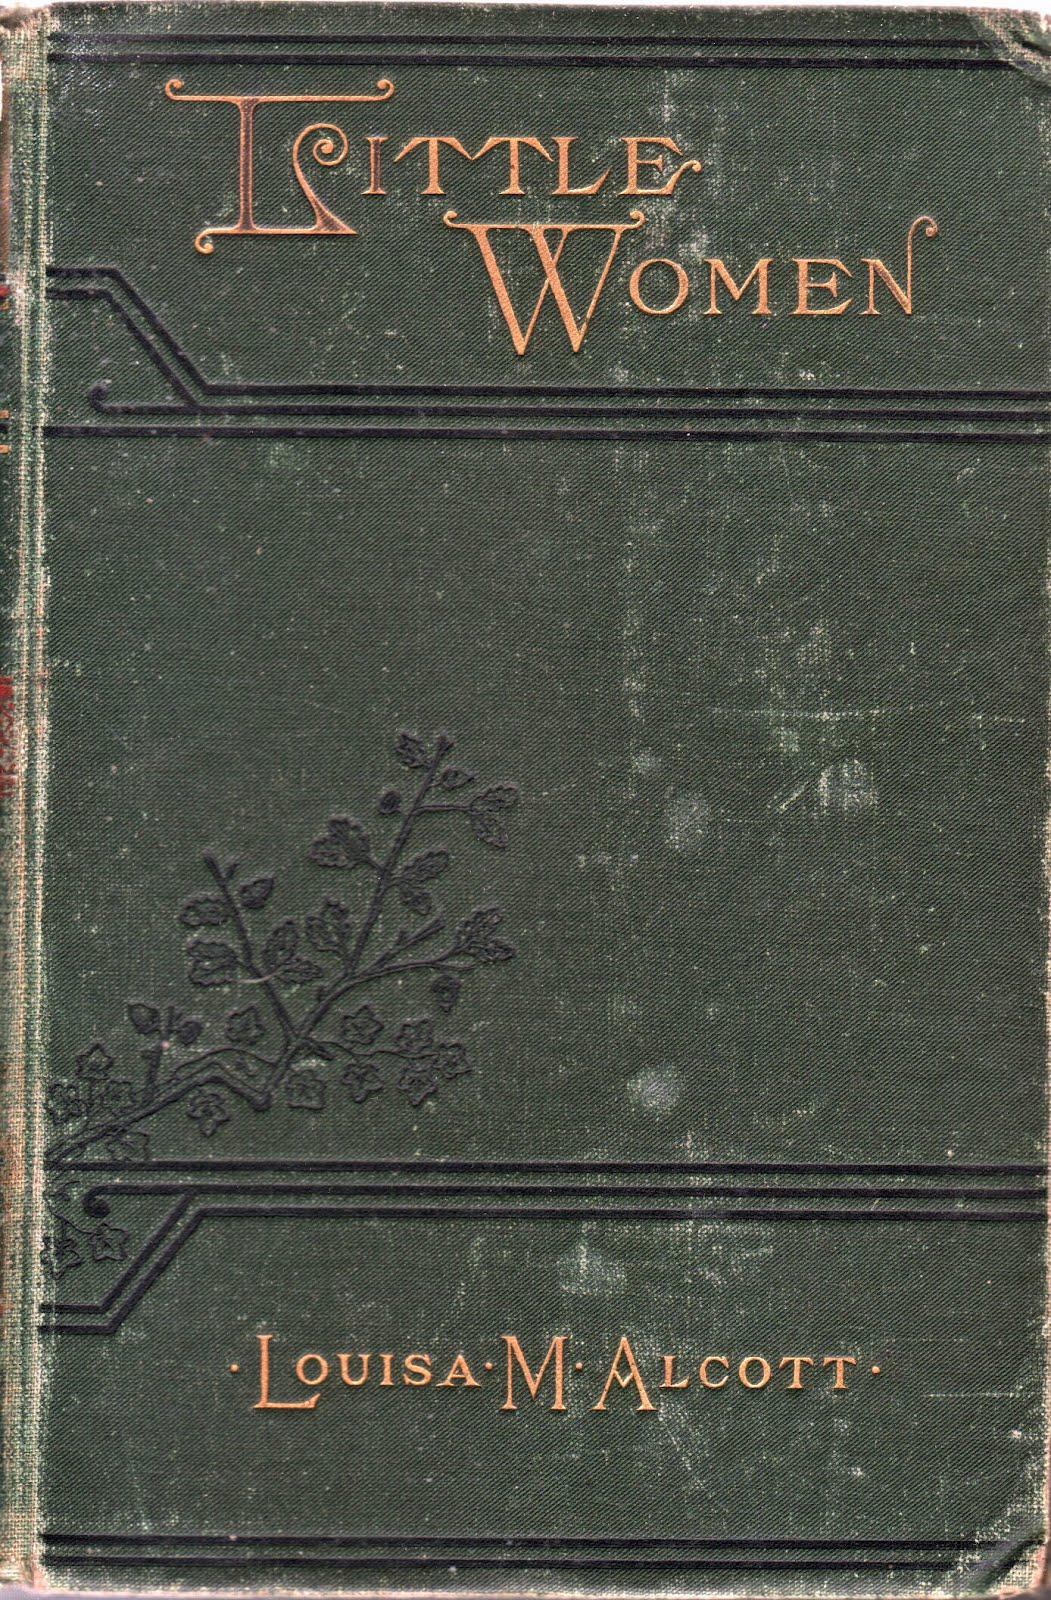 Little Women Summary